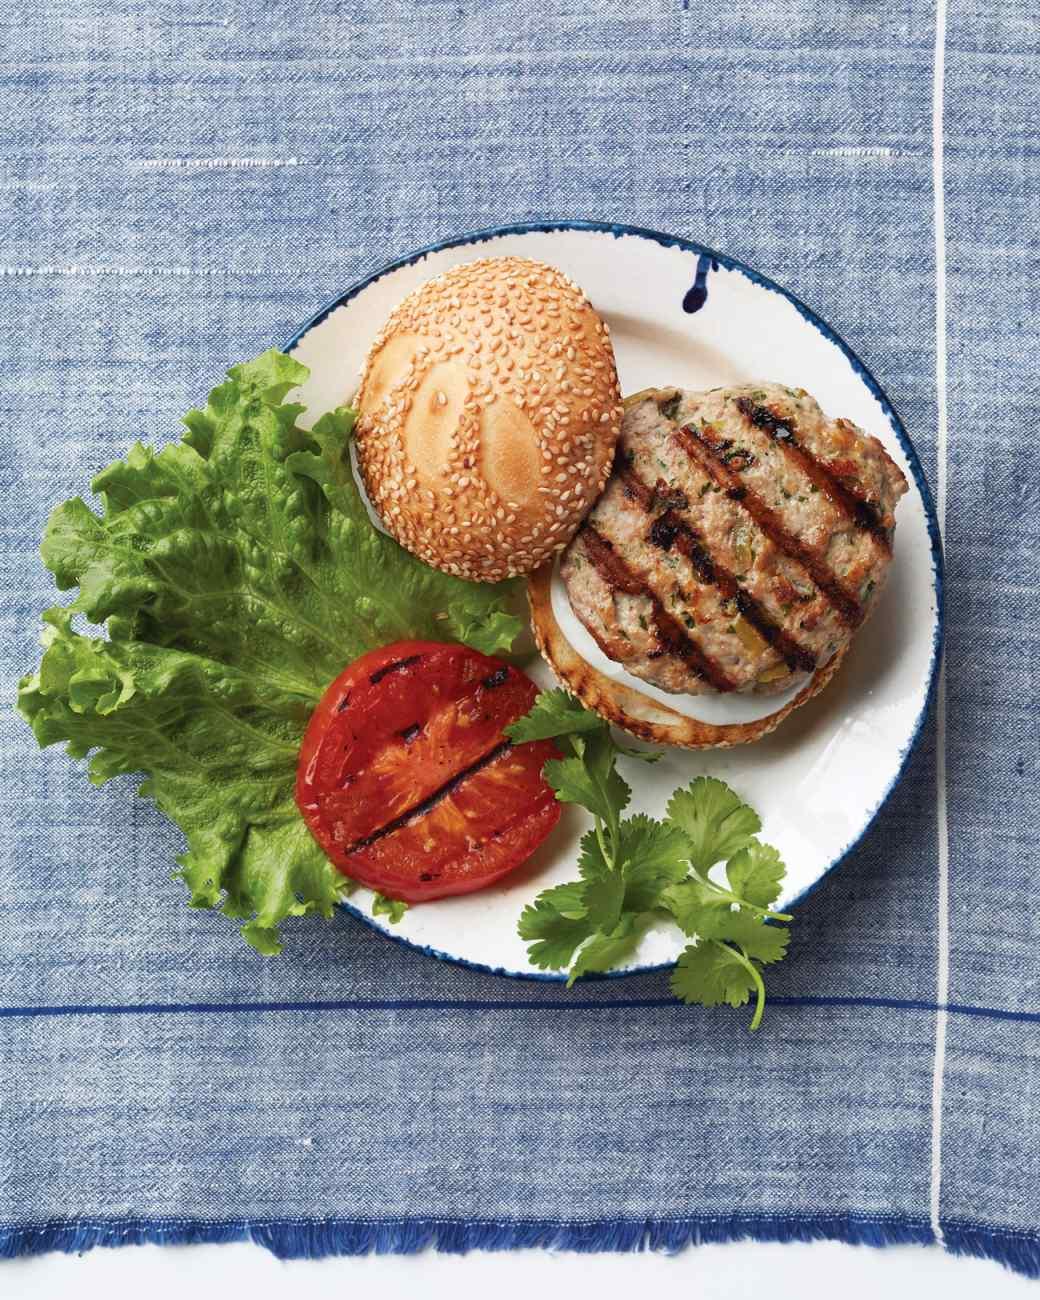 Green-Chile Chicken  Burgers from Martha Stewart